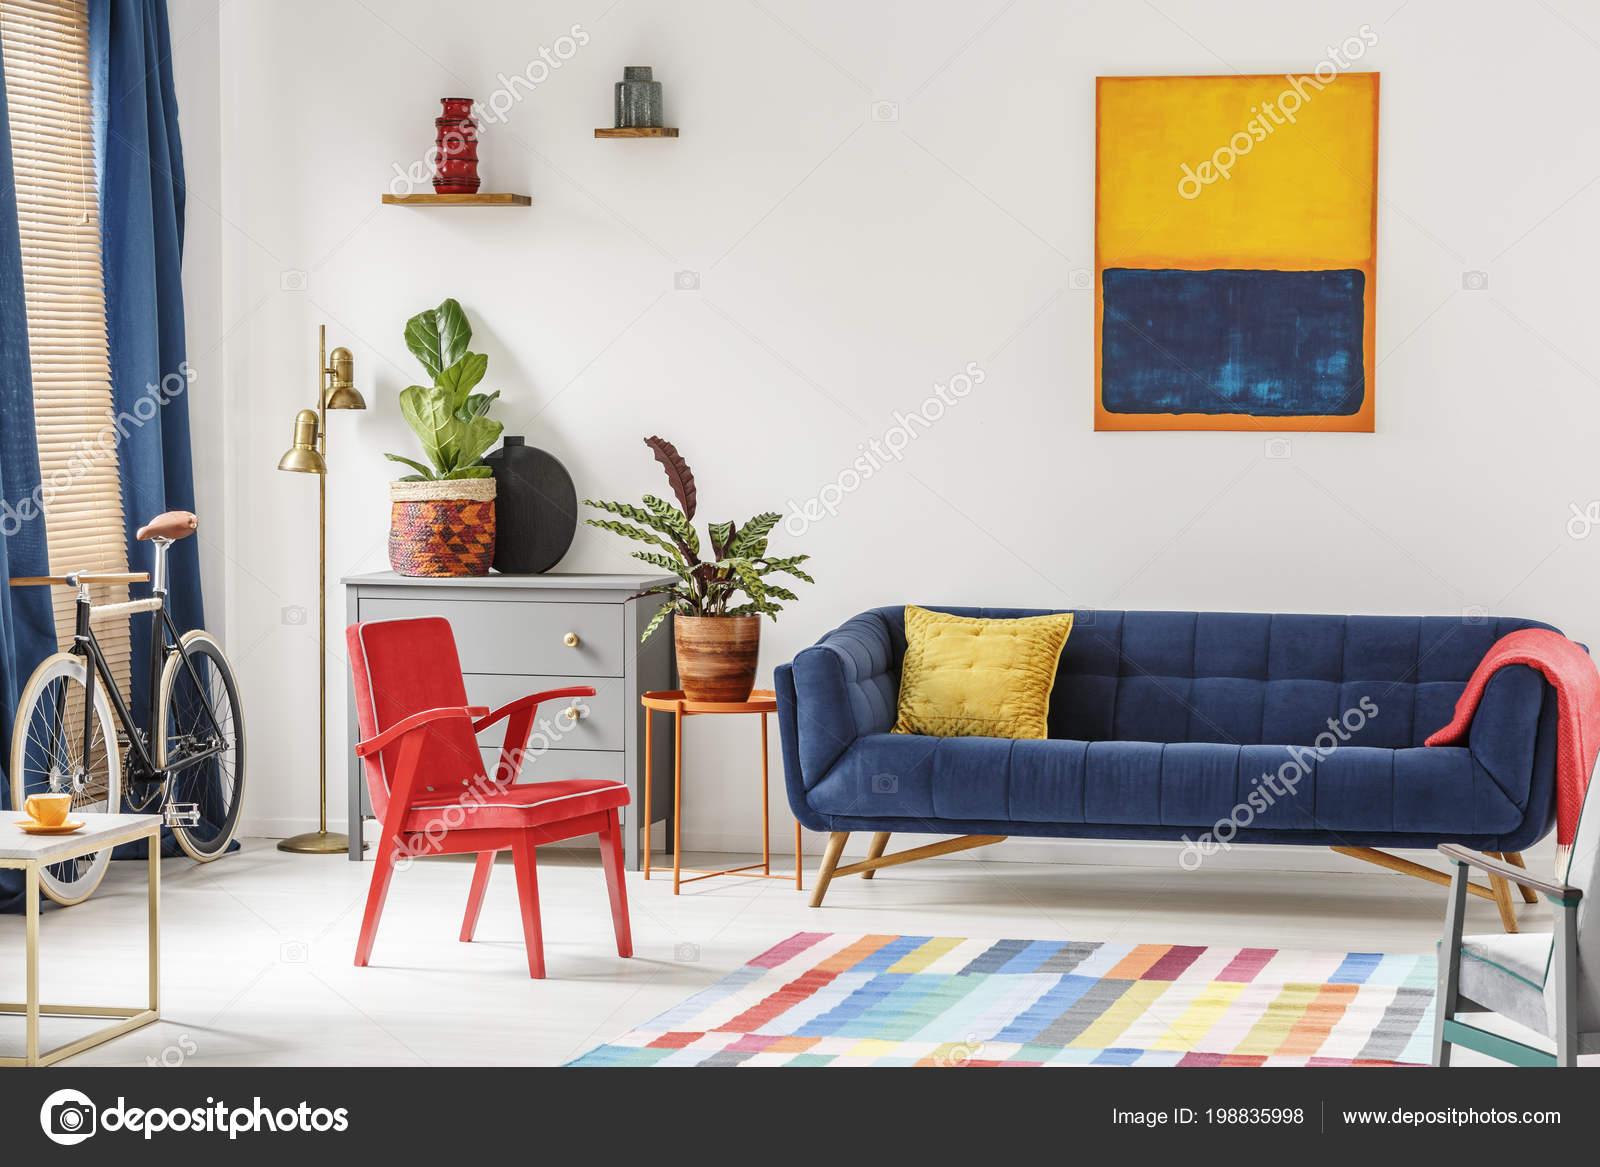 Tappeti Colorati Per Salotto : Sedia rossa blu royal lounge collocati interno luminoso salotto